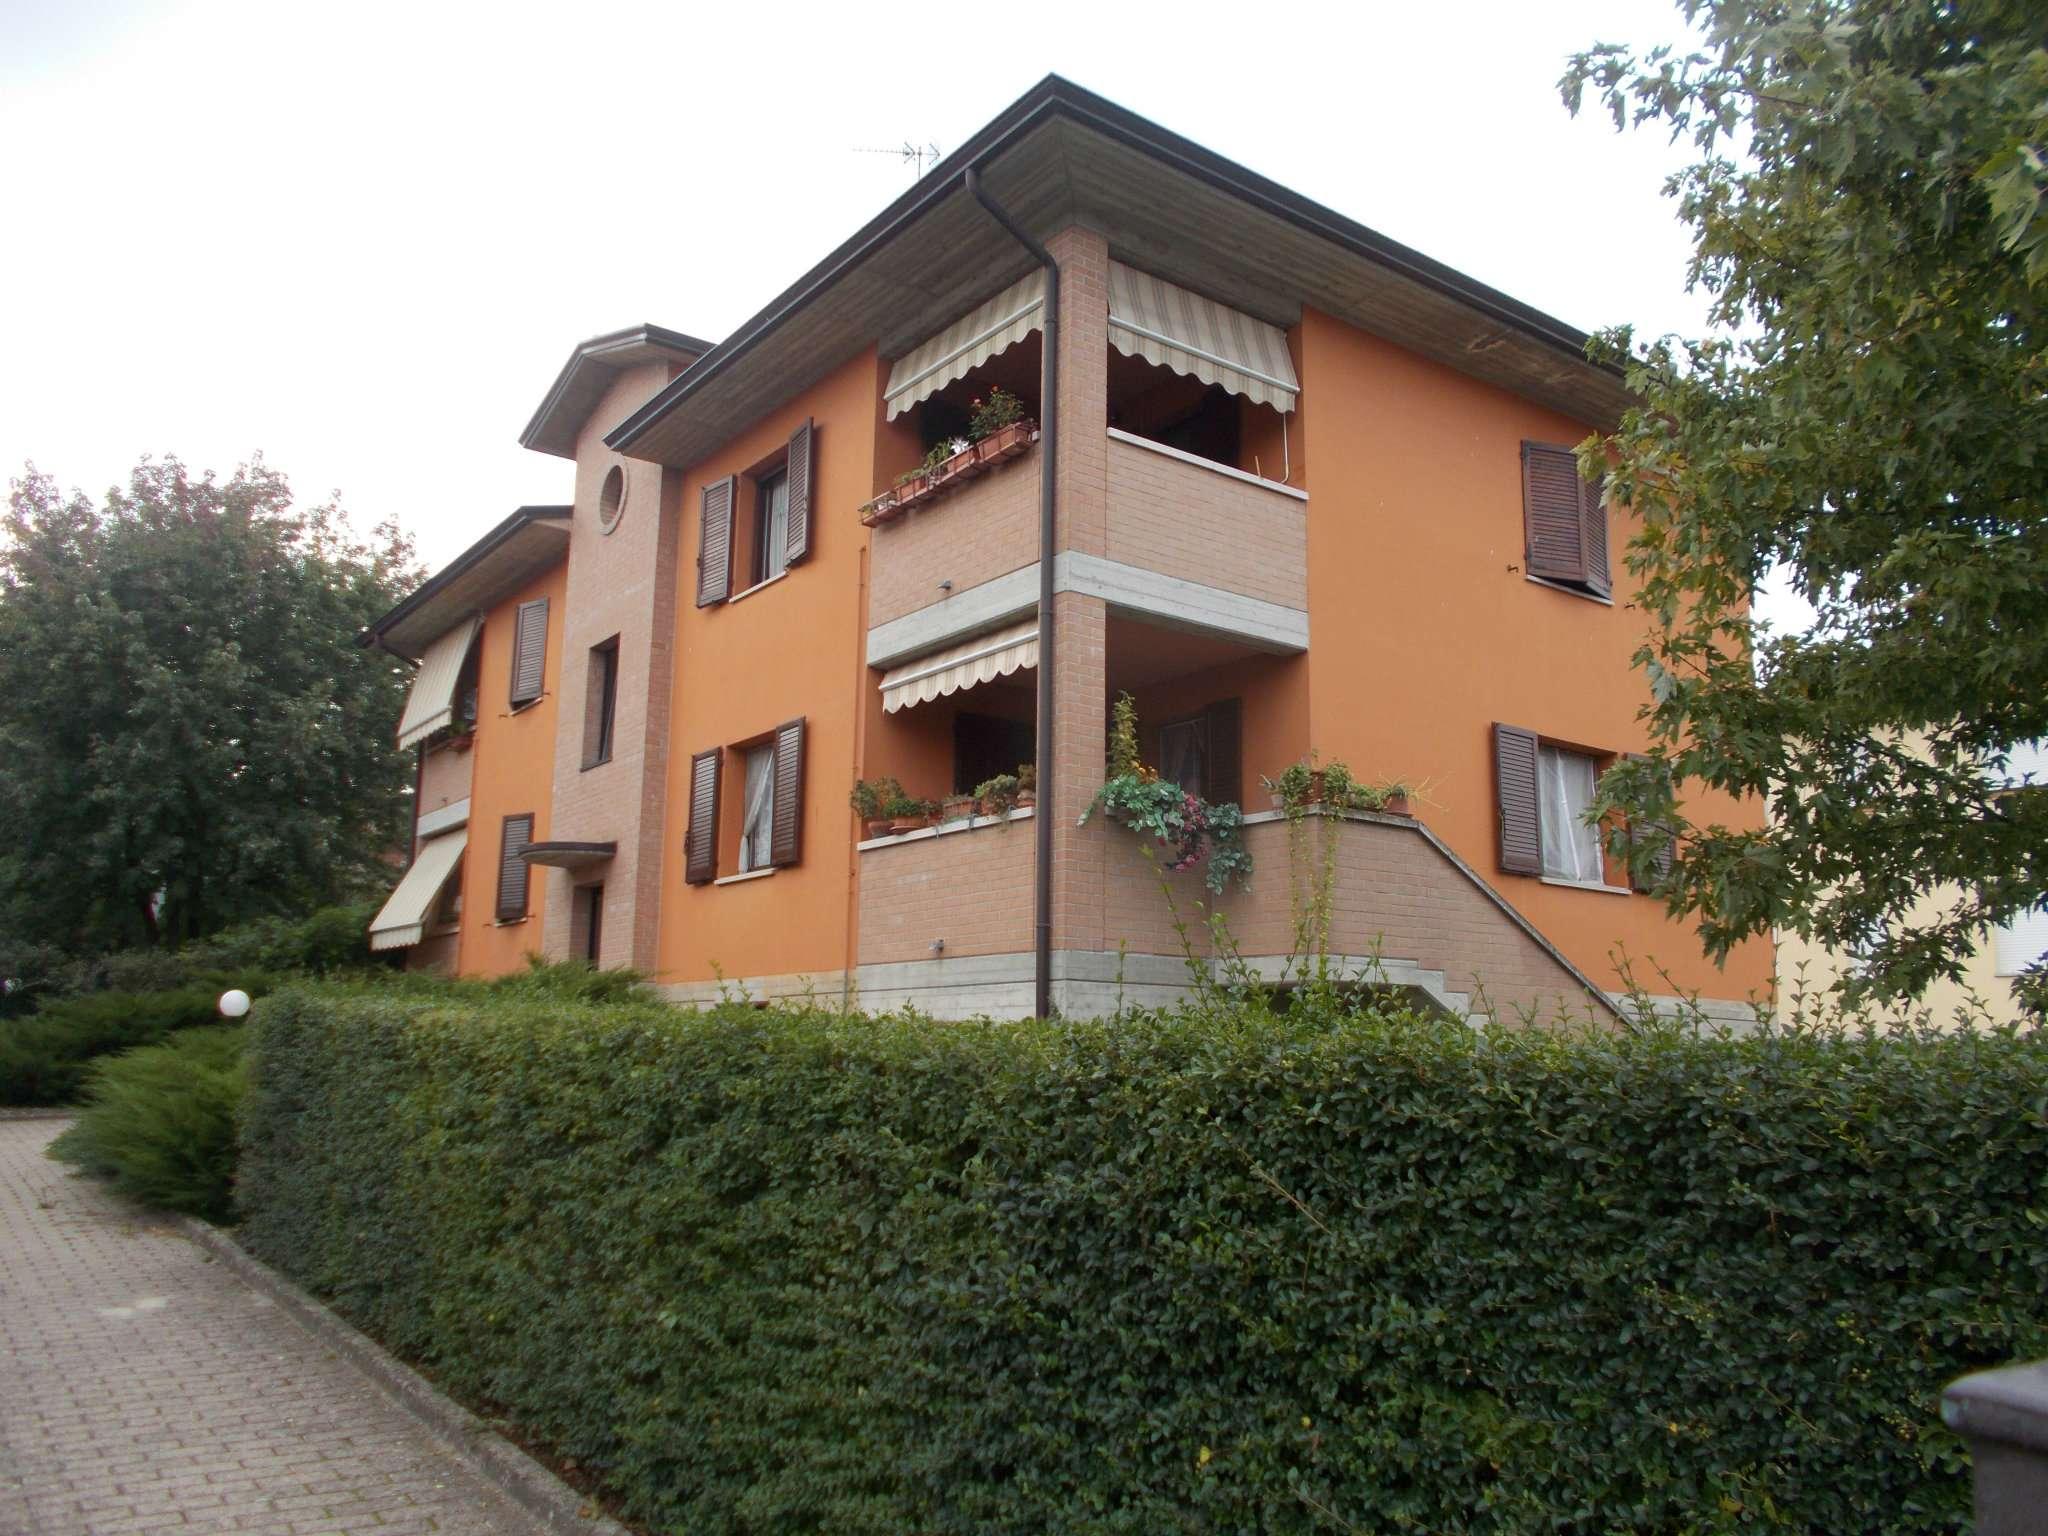 Appartamento in vendita a Quattro Castella, 3 locali, prezzo € 128.000   CambioCasa.it